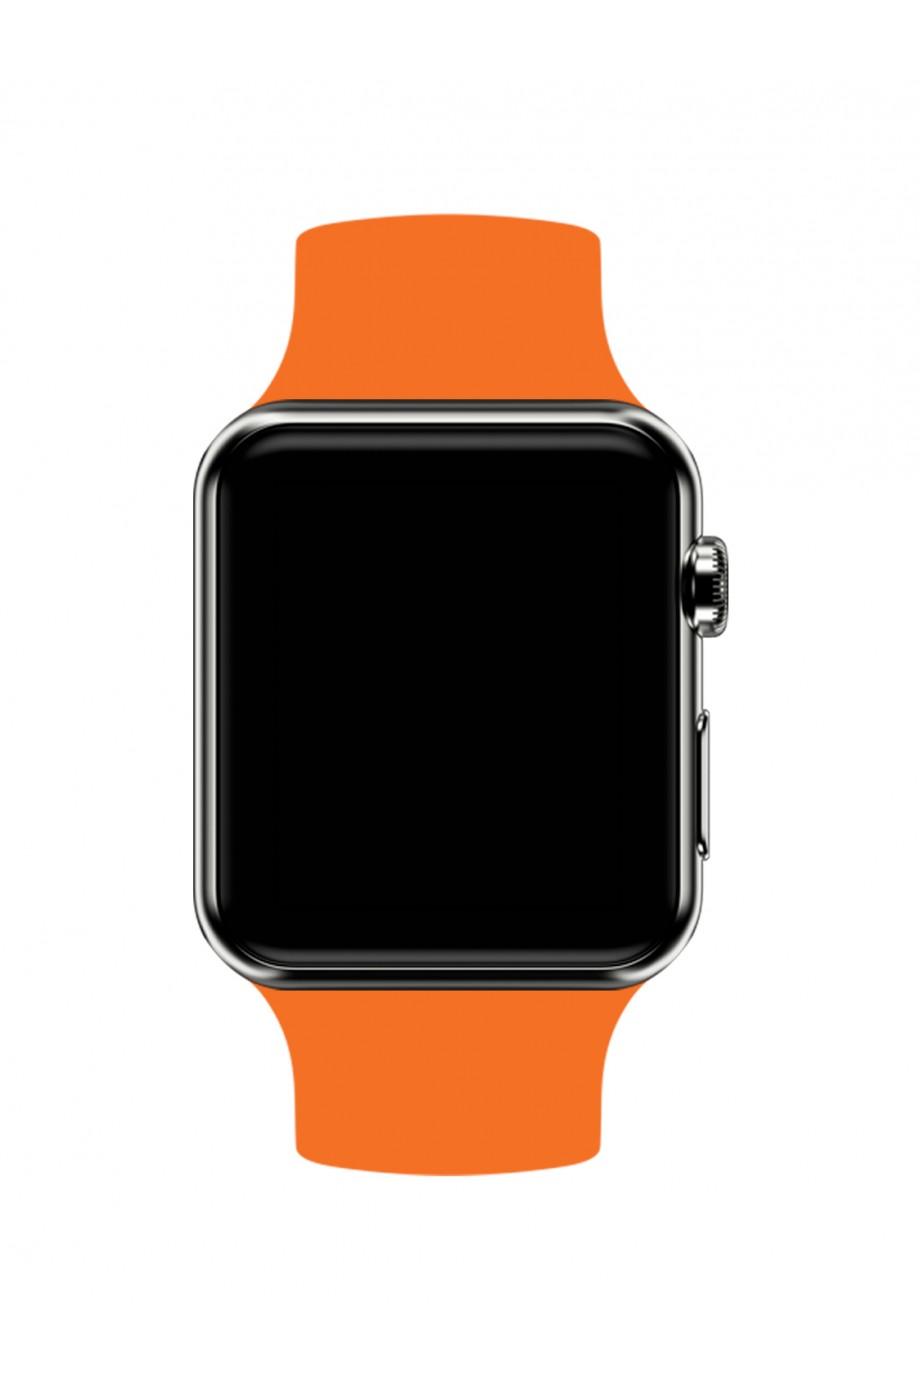 Силиконовый ремешок для Apple Watch 4/5 40 мм, оранжевый